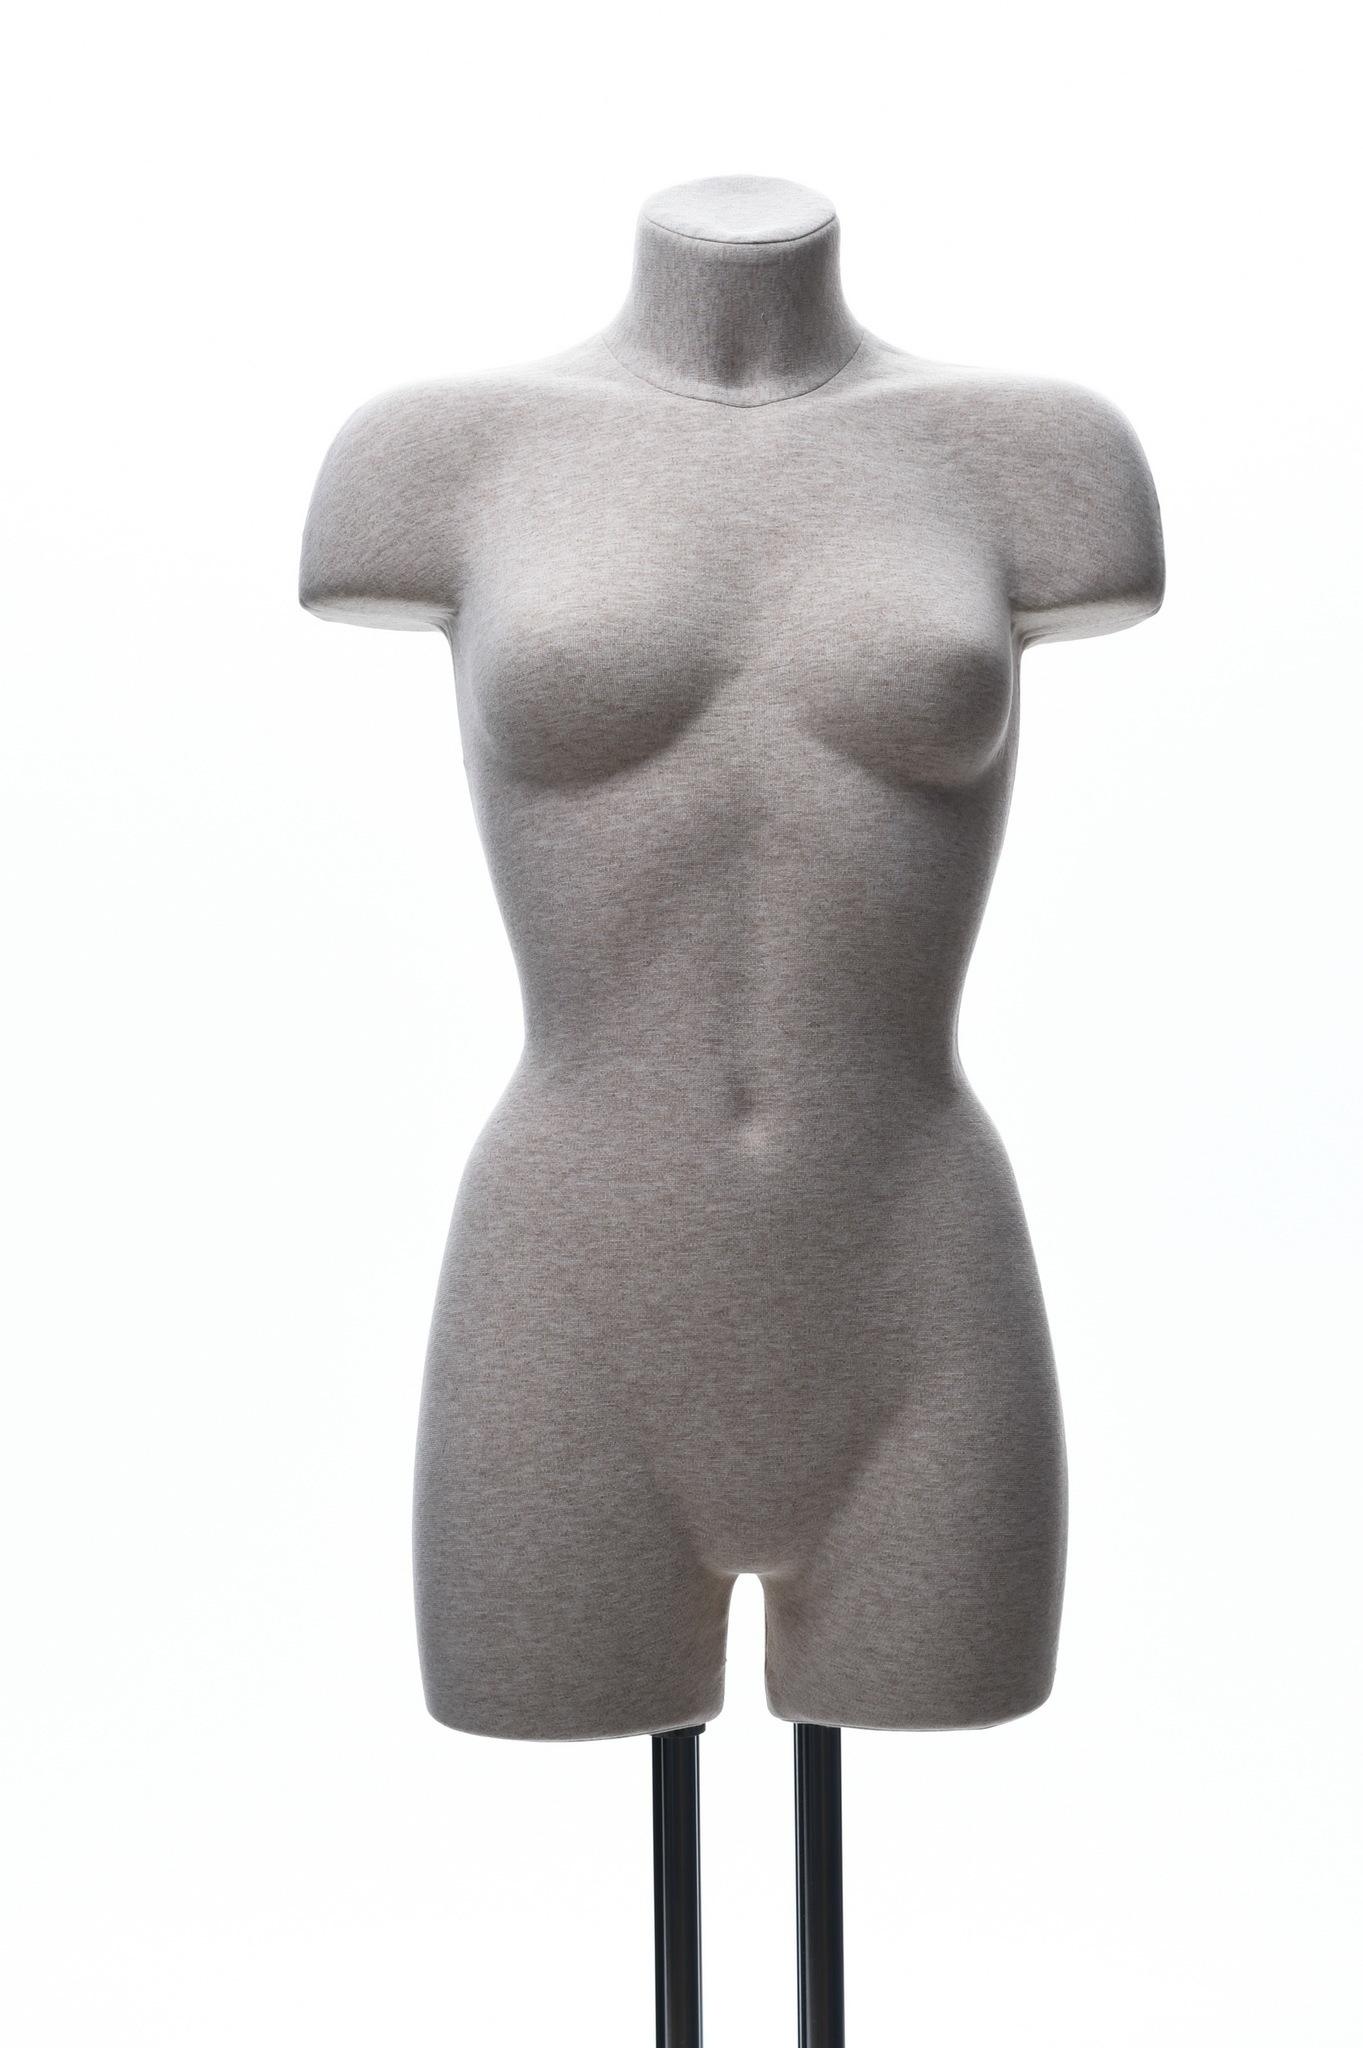 Демонстрационный женский манекен с выраженным рельефом и бедром 44-46 размер (телесный)